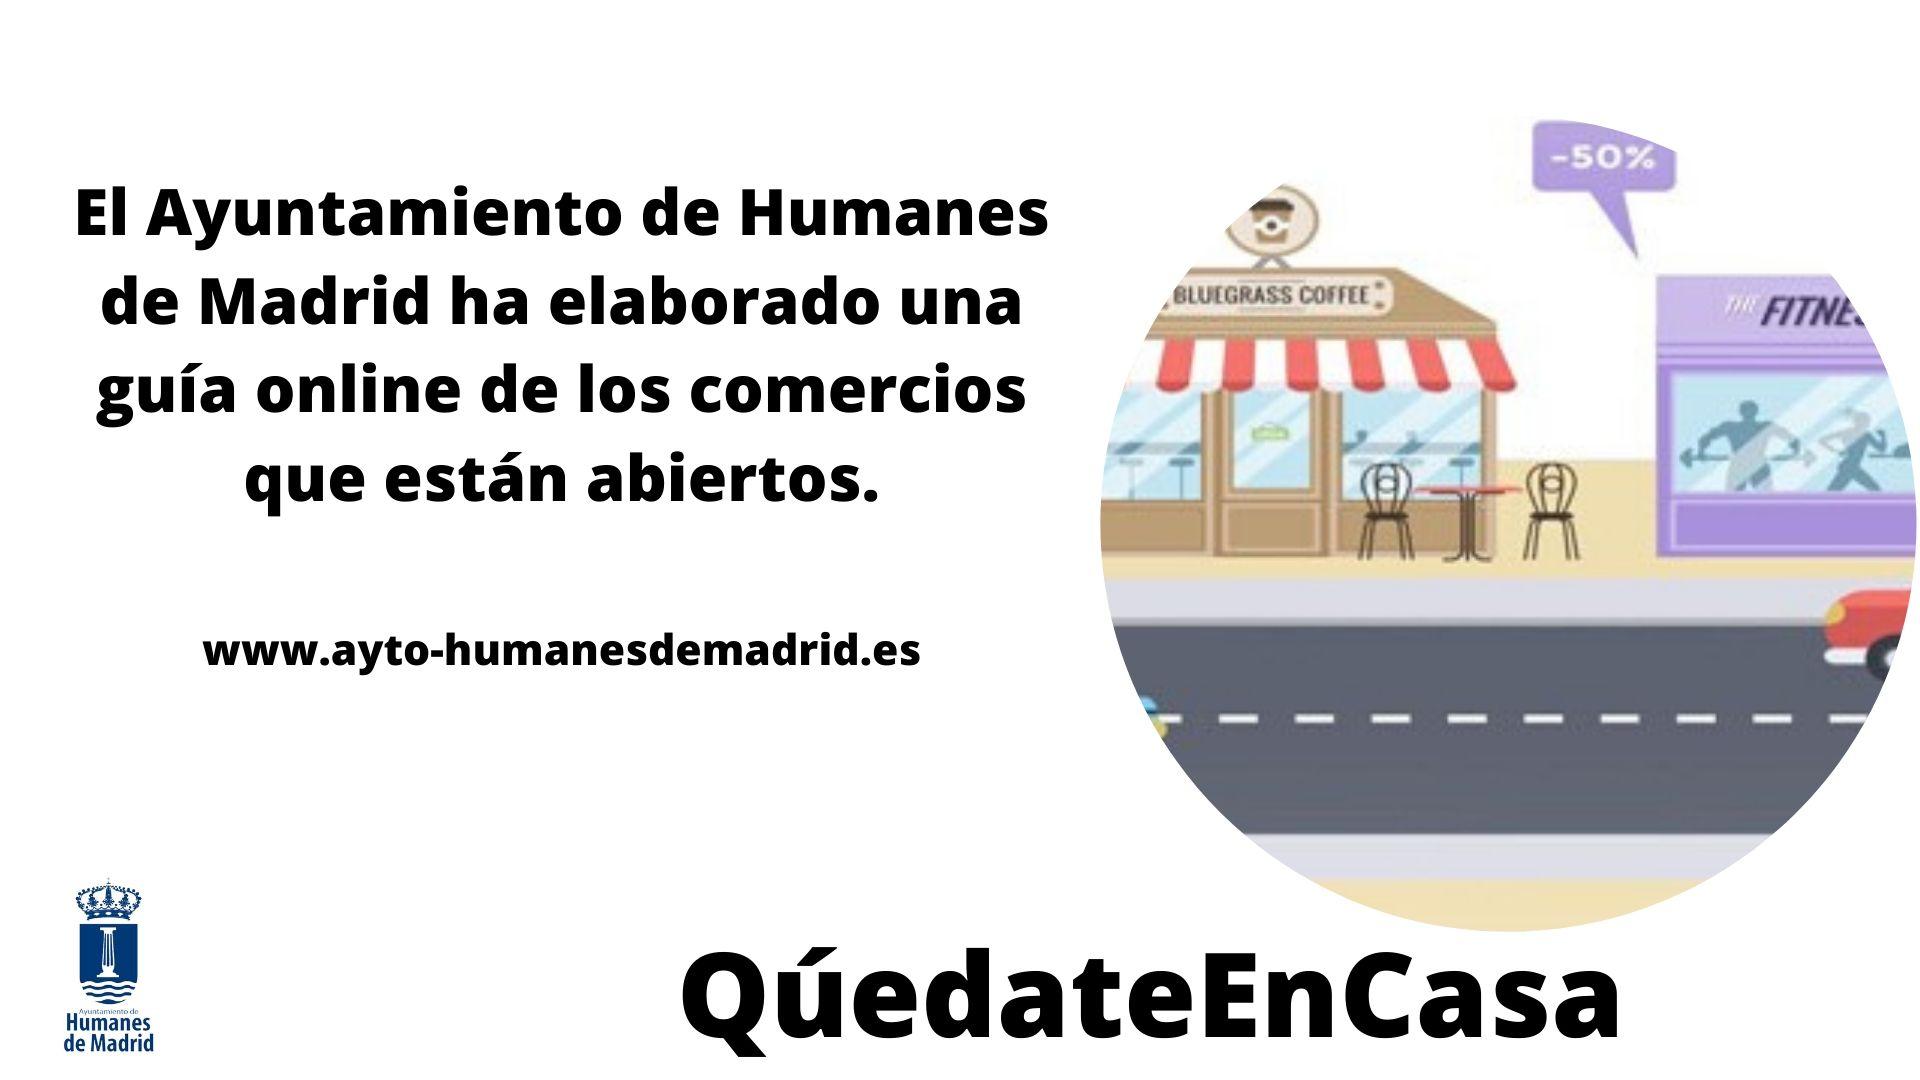 El ayuntamiento de Humanes de Madrid elabora una guía online para informar de los  comercios abiertos.